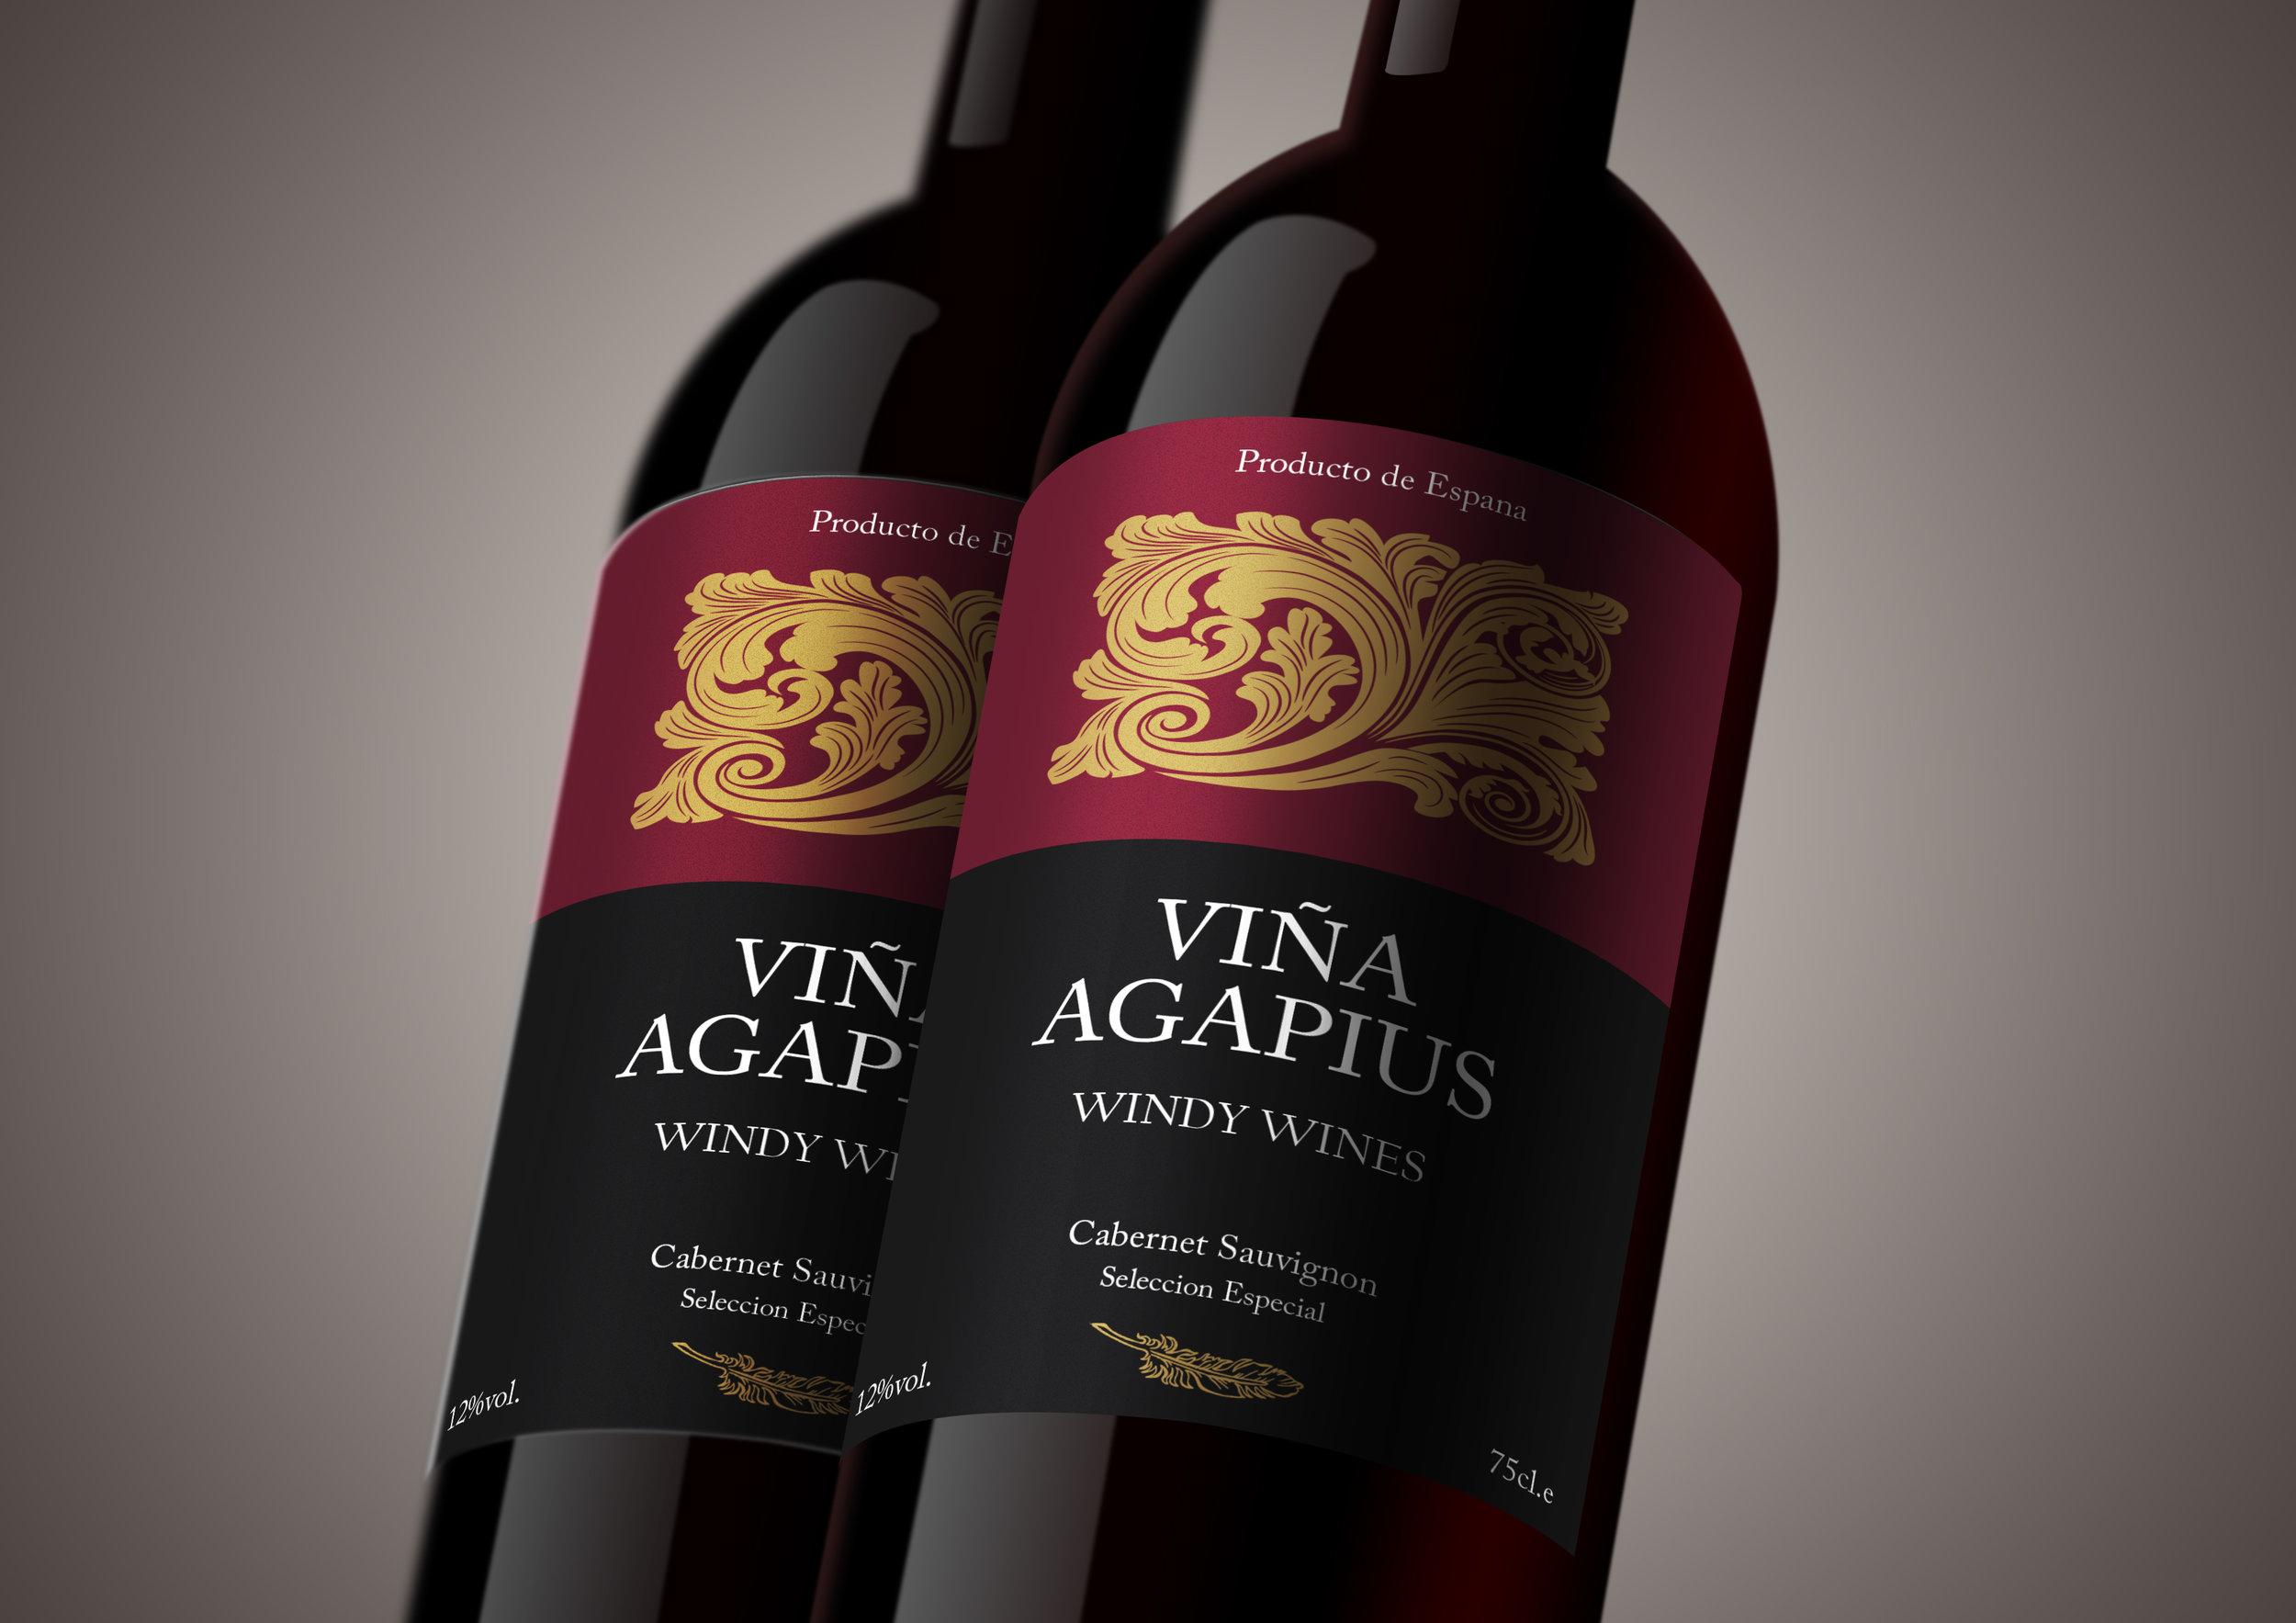 Vina Agapius 2 bottle shot.jpg